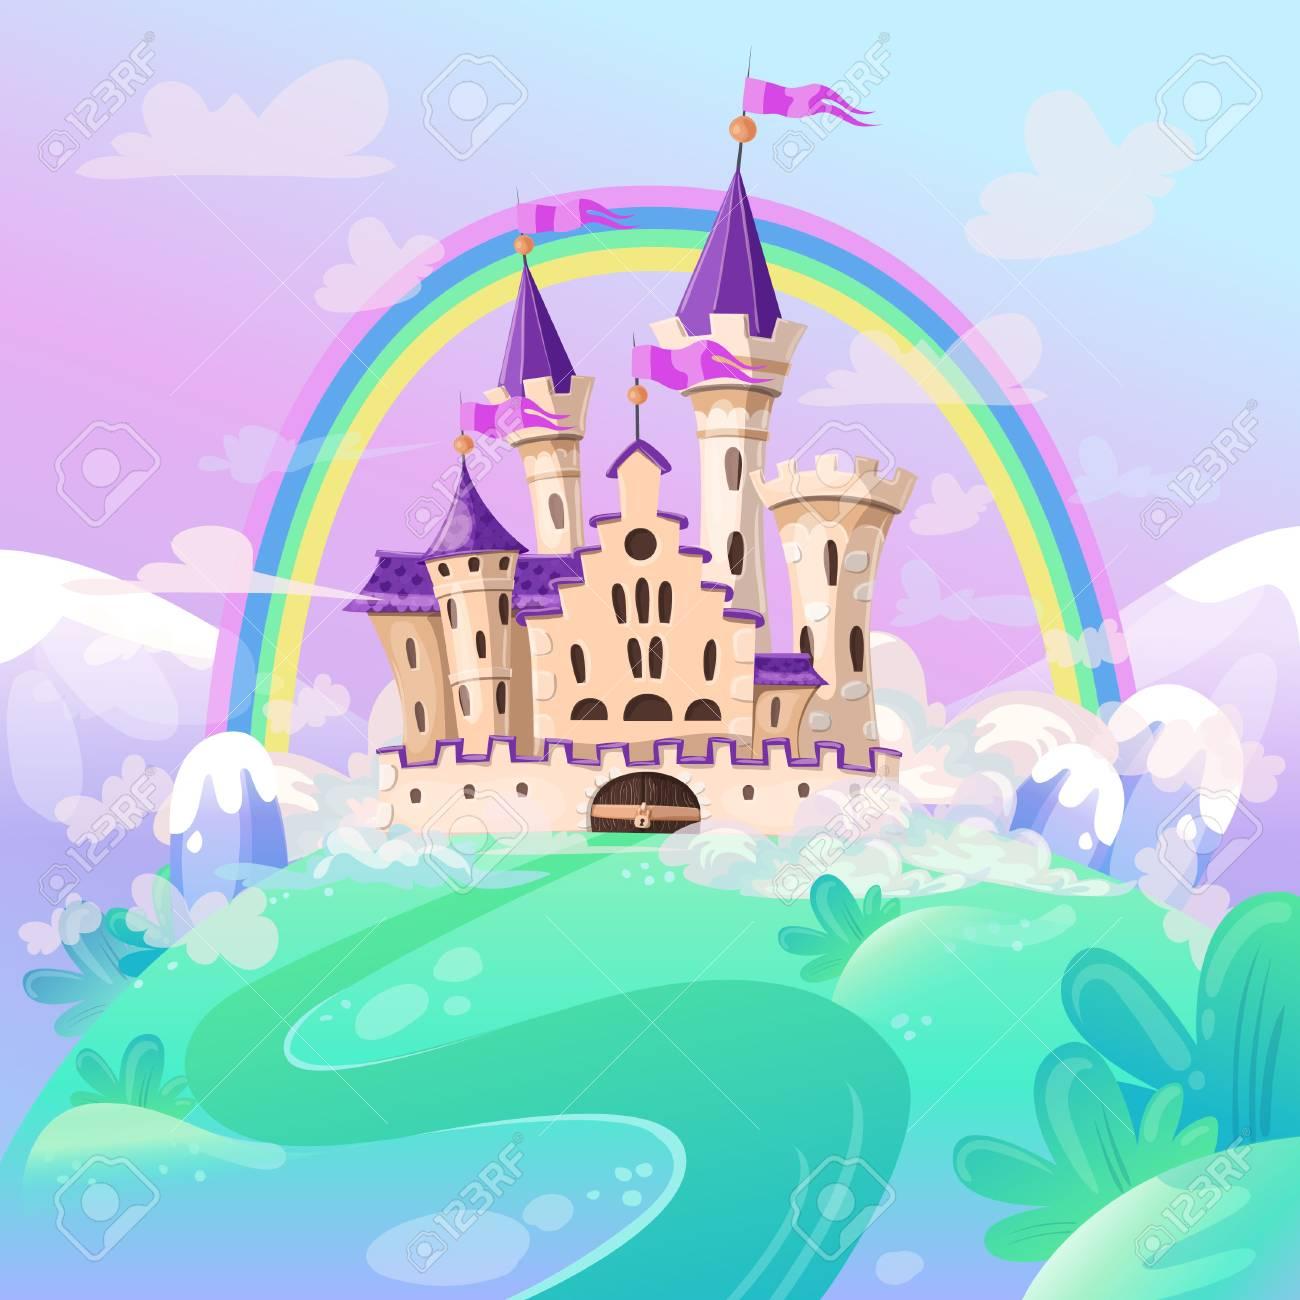 FairyTale cartoon castle. Cute cartoon castle. Fantasy fairy tale palace with rainbow. Vector illustration. - 100620162